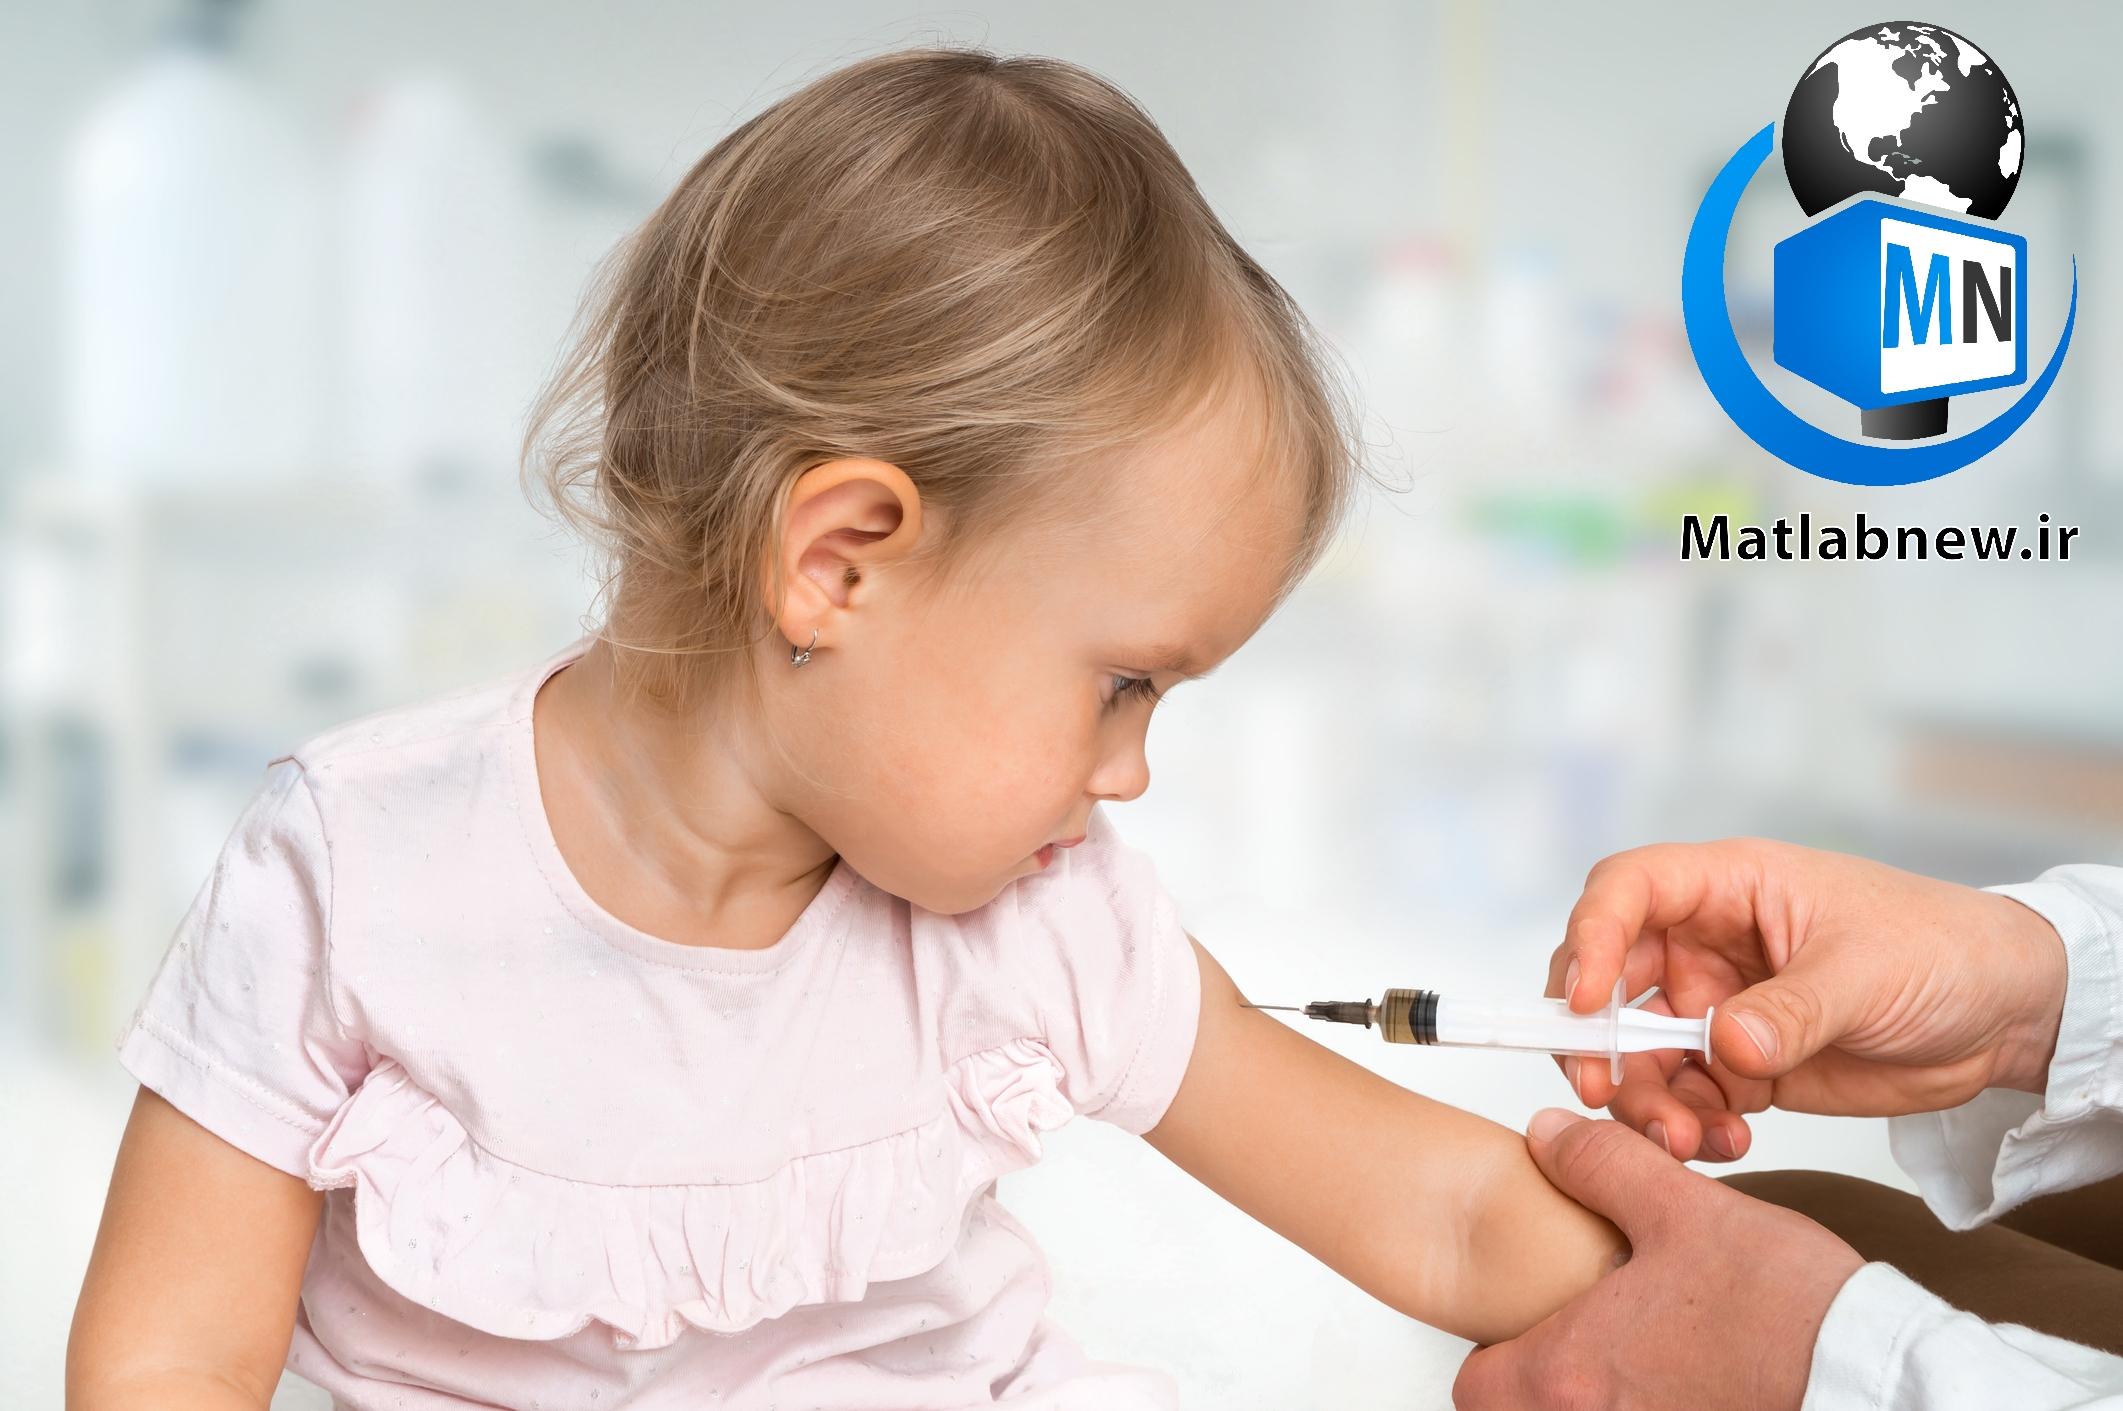 با نزدیک شدن به فصل سرما باید و نباید های بسیاری در خصوص واکسن آنفولانزا و همچنین تداخل بیماری کووید ۱۹ با آنفولانزا به وجود آمده است